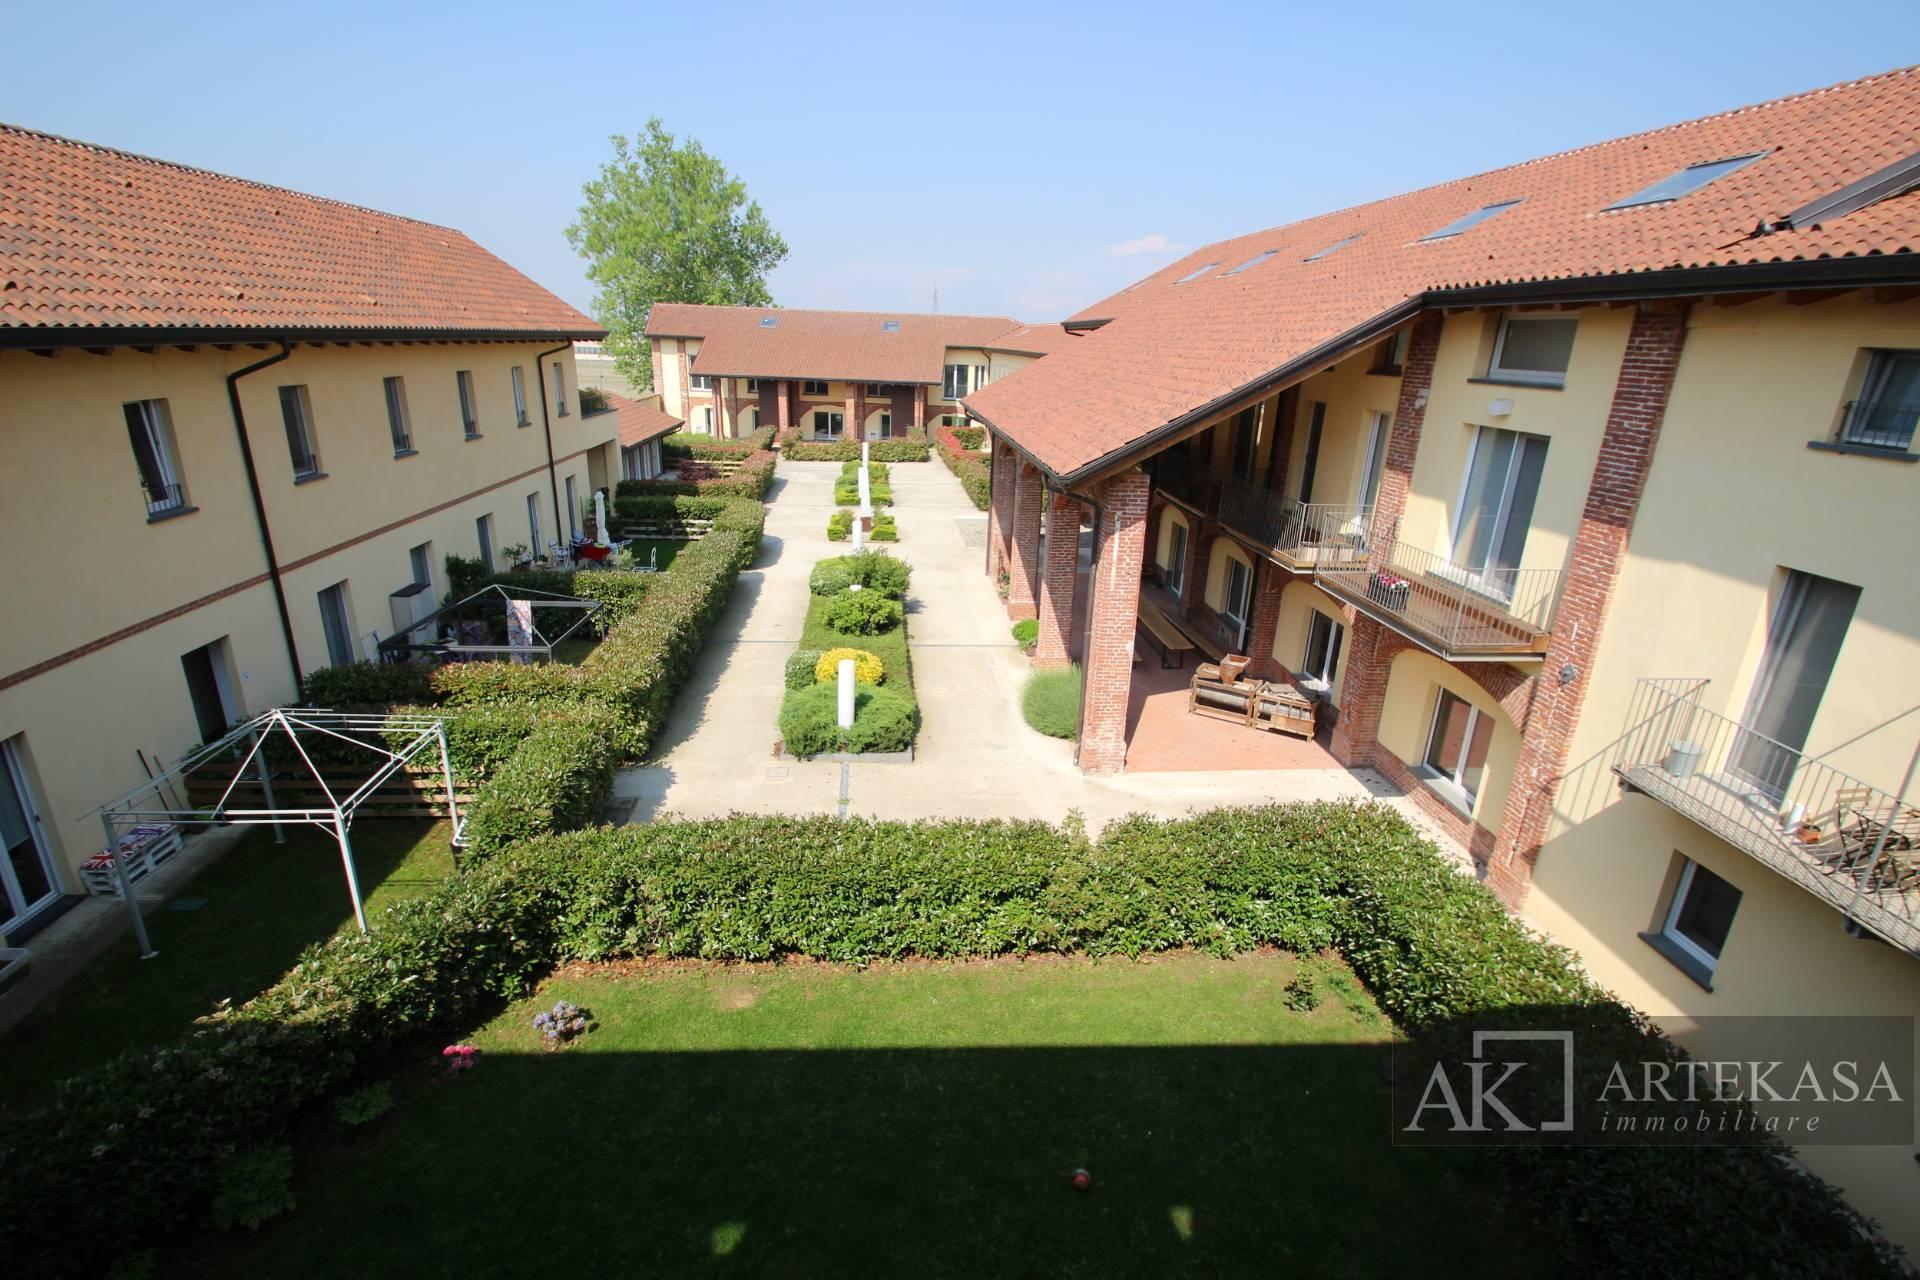 Attico Novara - Cittadella - Villaggio Dalmazia - Torrion Quartara